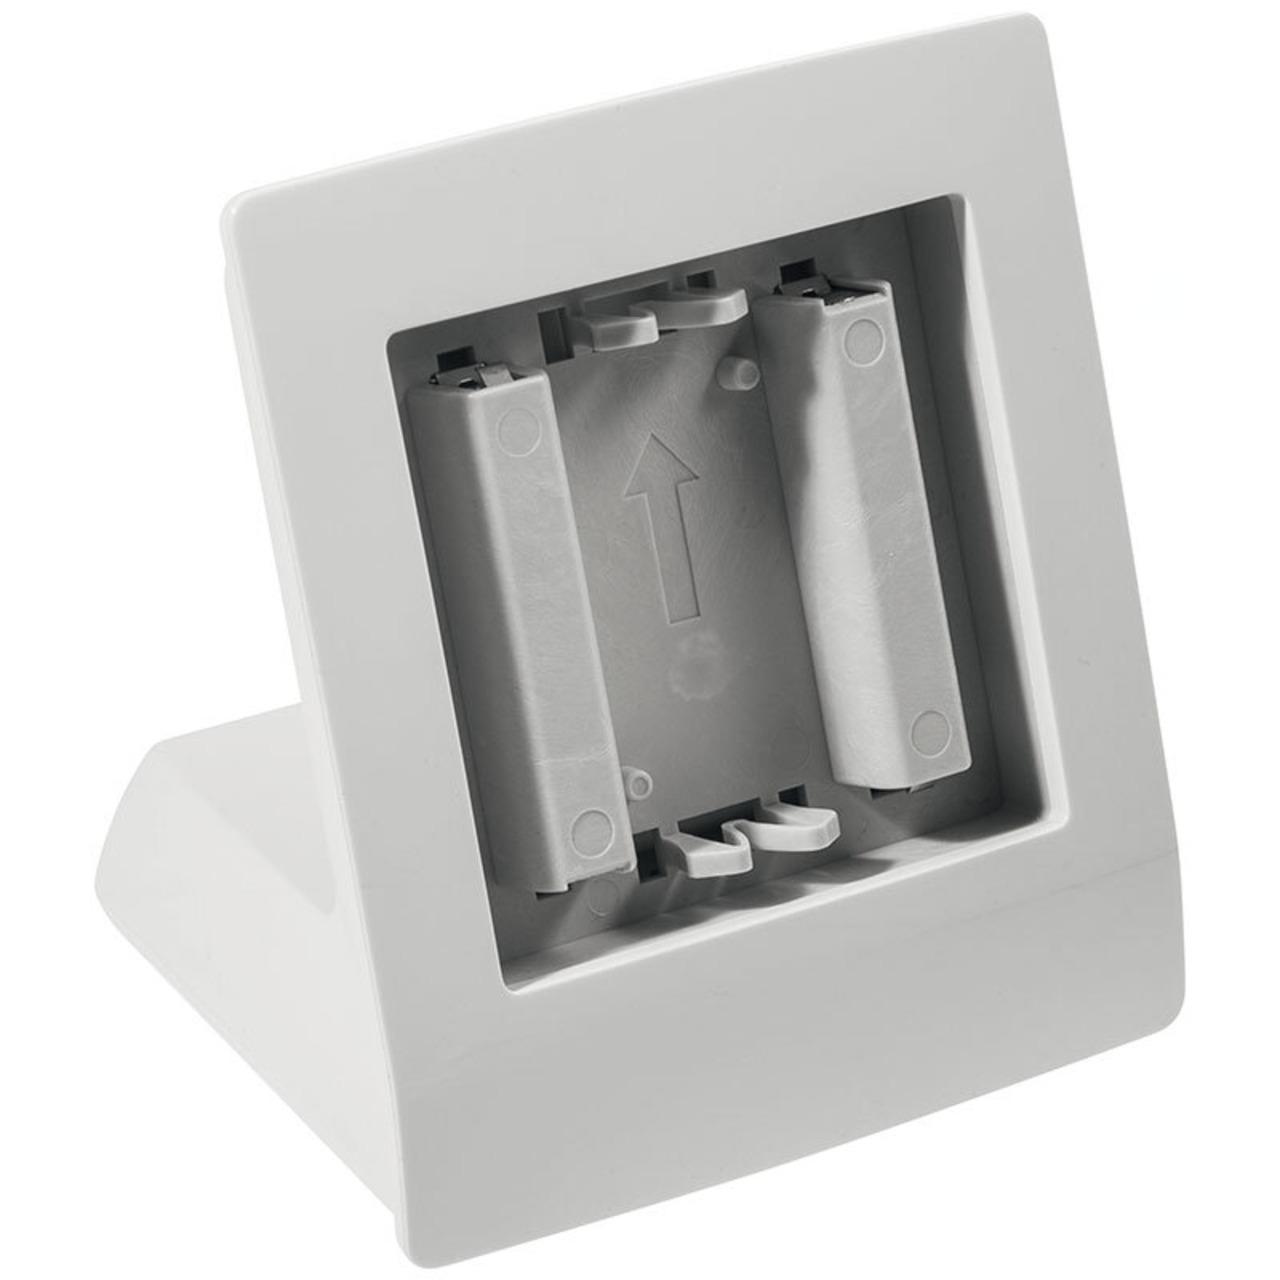 ELV Homematic IP Komplettbausatz Tischaufsteller fund-252 r batterieversorgte Gerund-228 te HMIP-DS55